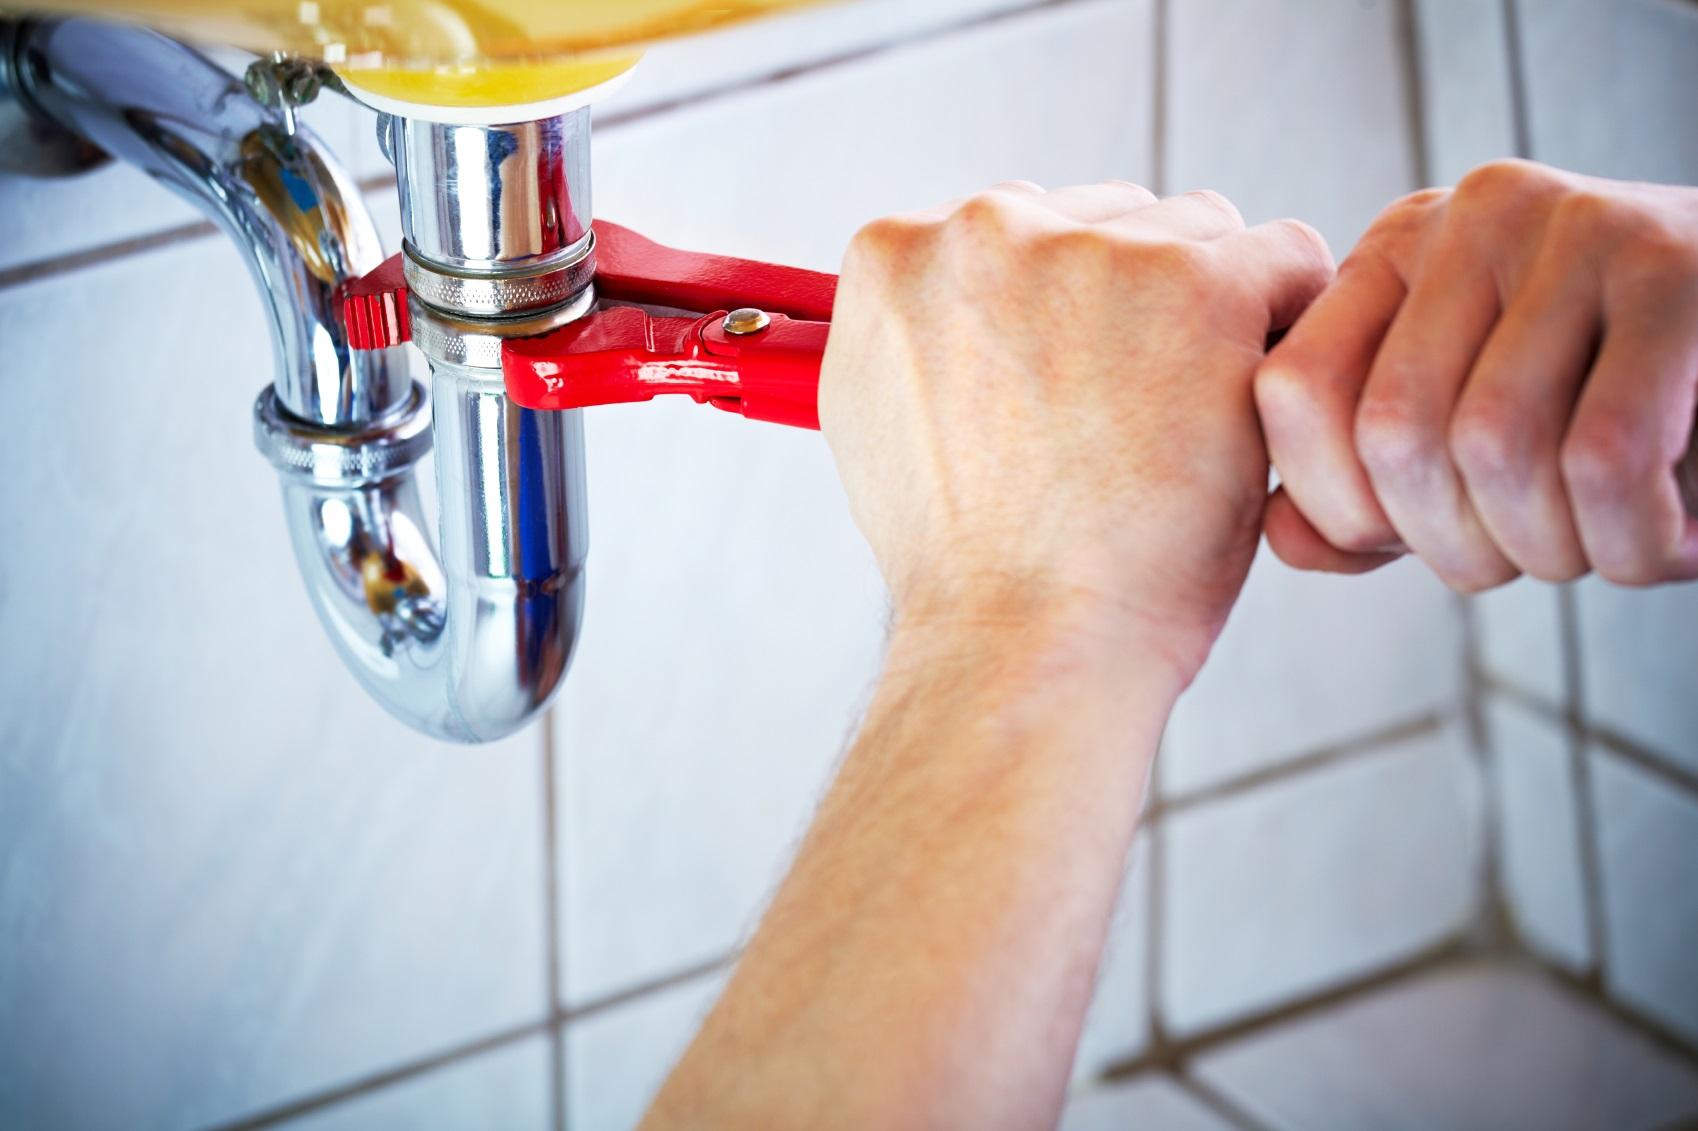 Iplumbing (Plumbing & Drain Work) — Founder & CEO : Mohammad Mostafazadeh